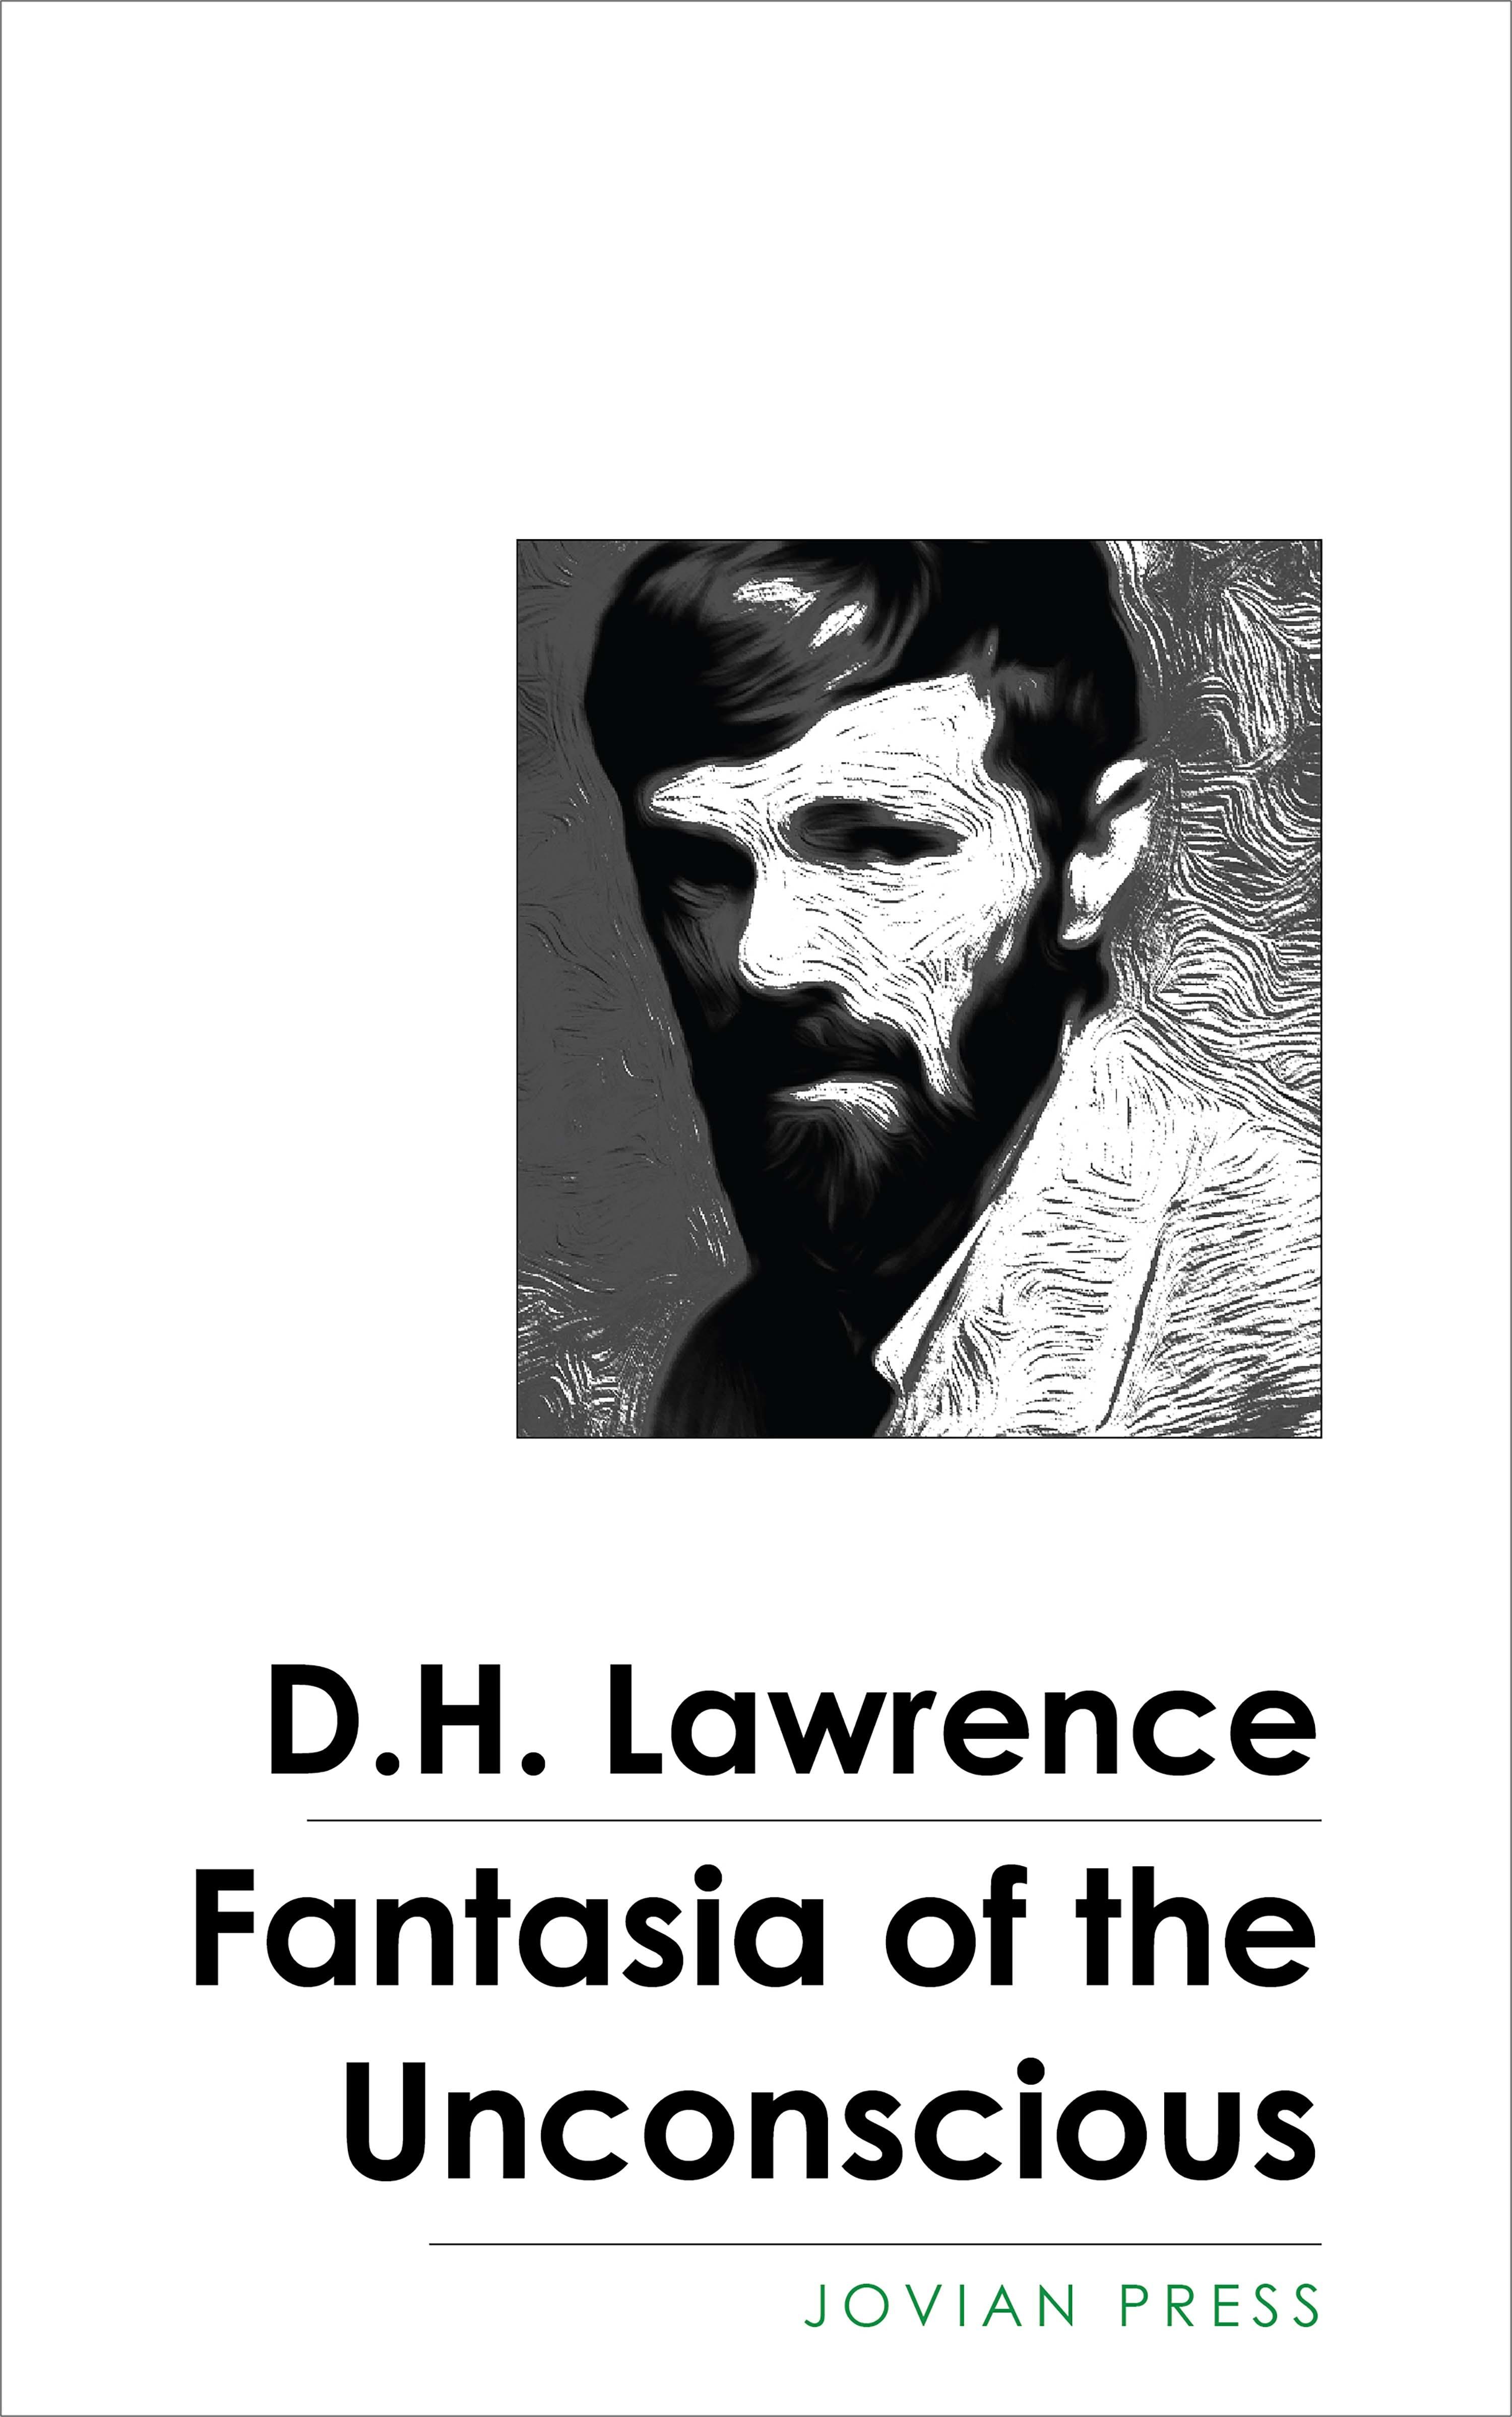 D. H. Lawrence Fantasia of the Unconscious unconscious crime